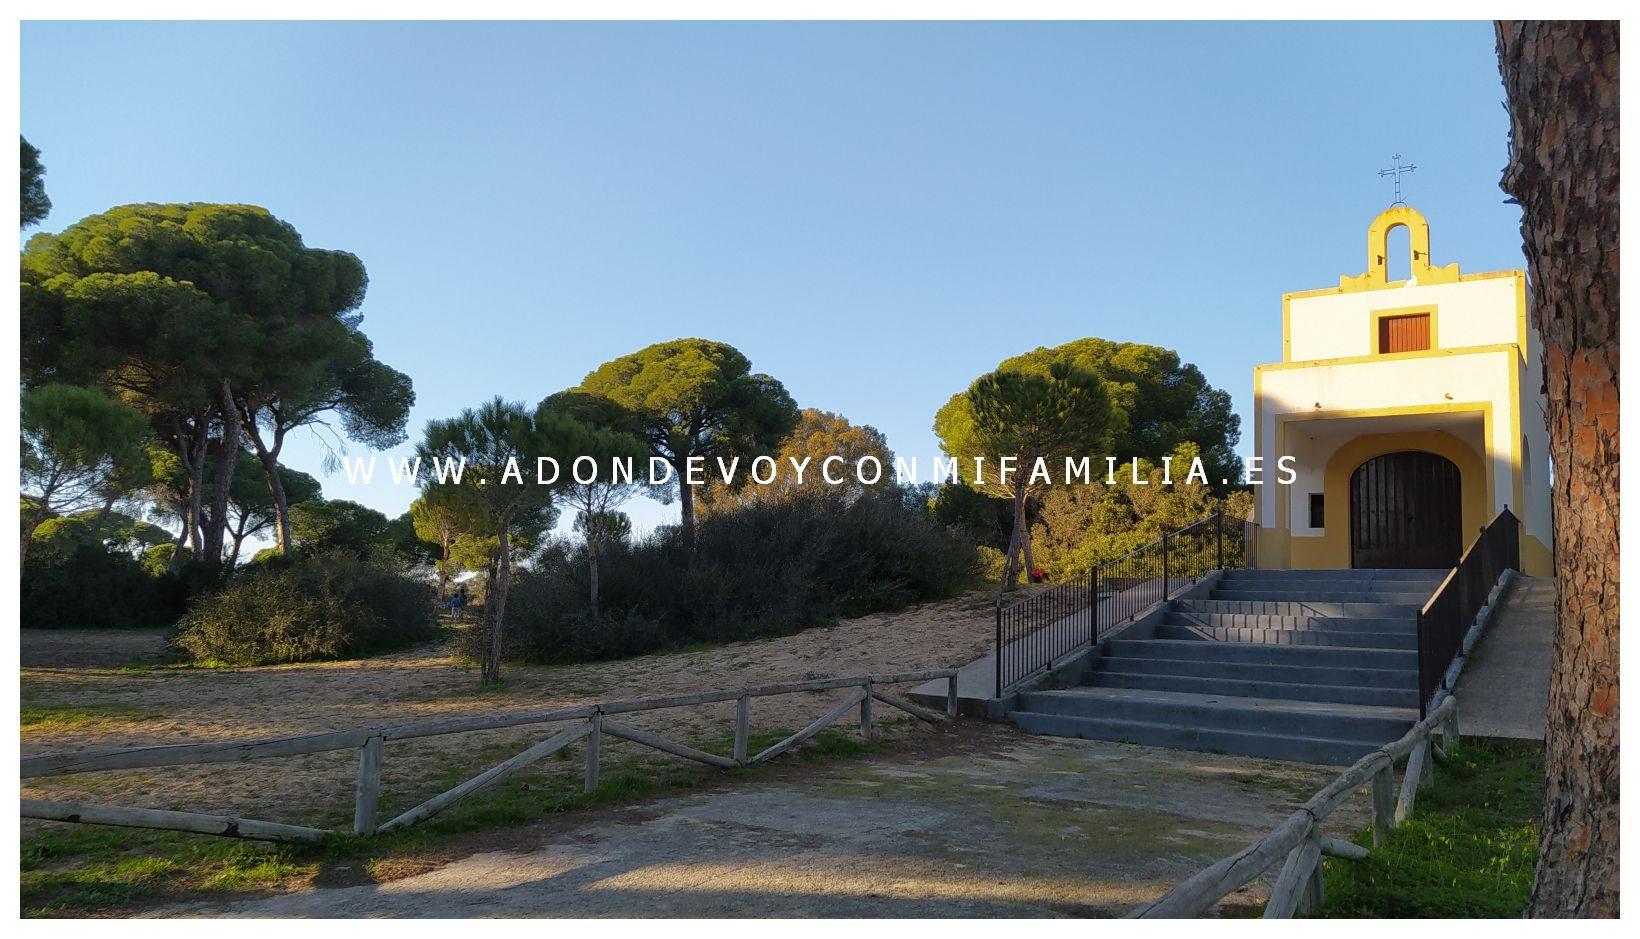 area-recreativa-la-ermita-adondevoyconmifamilia-17